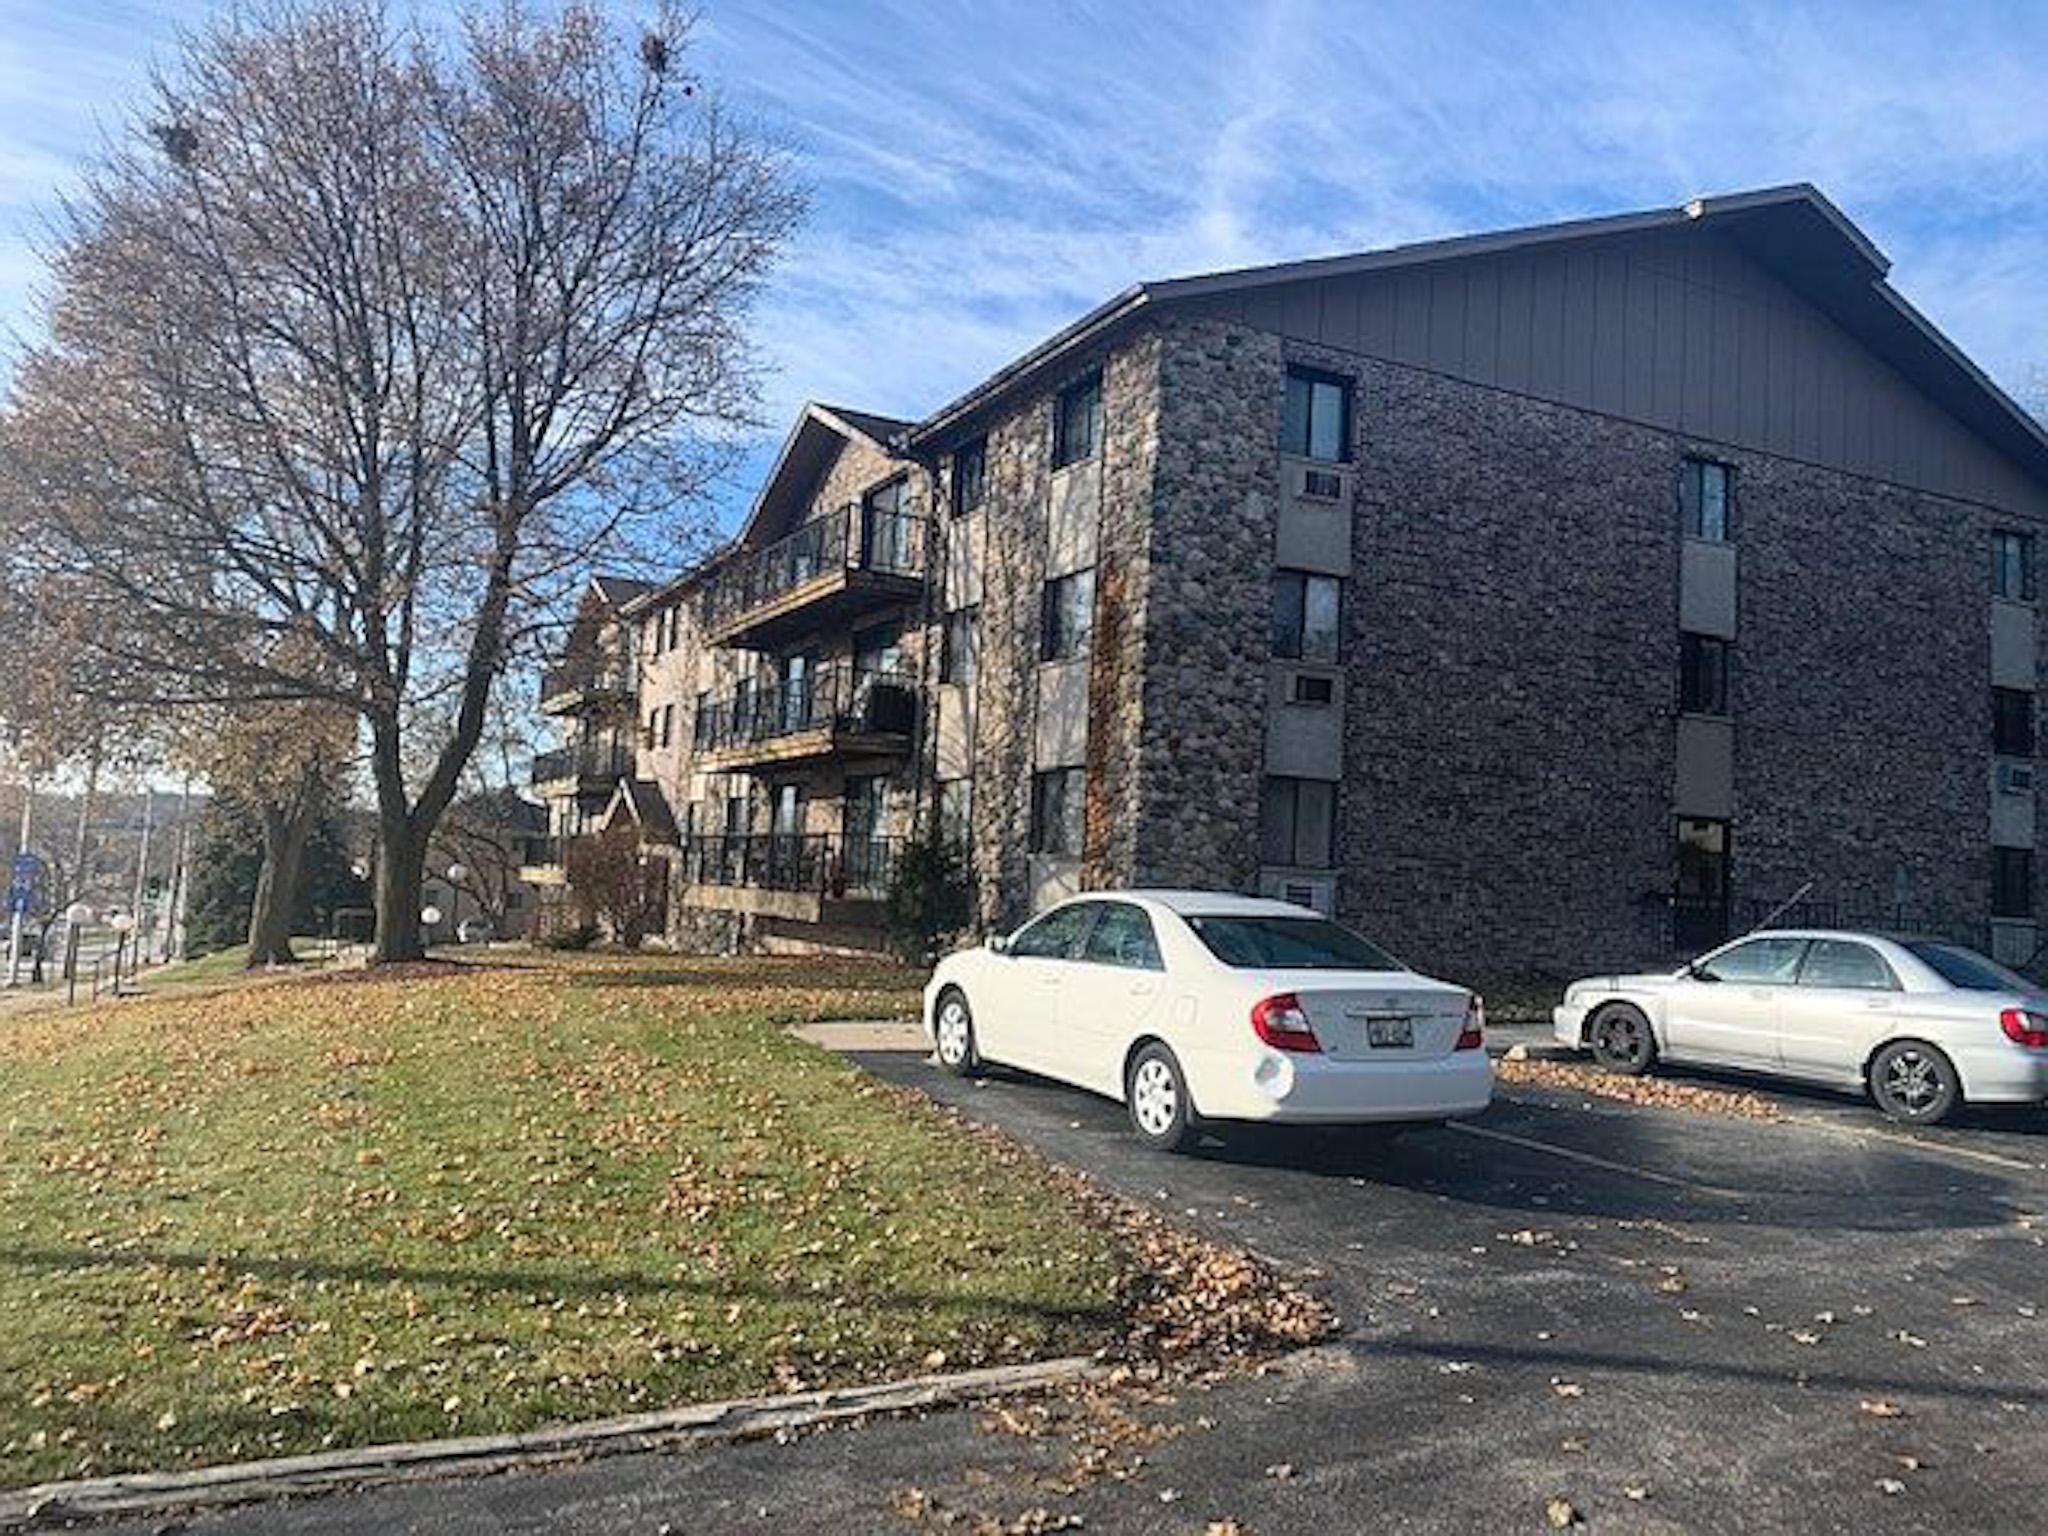 12000 Bluemound Rd, Wauwatosa, Wisconsin 53226, 2 Bedrooms Bedrooms, 5 Rooms Rooms,1 BathroomBathrooms,Condominiums,For Sale,Bluemound Rd,3,1677002